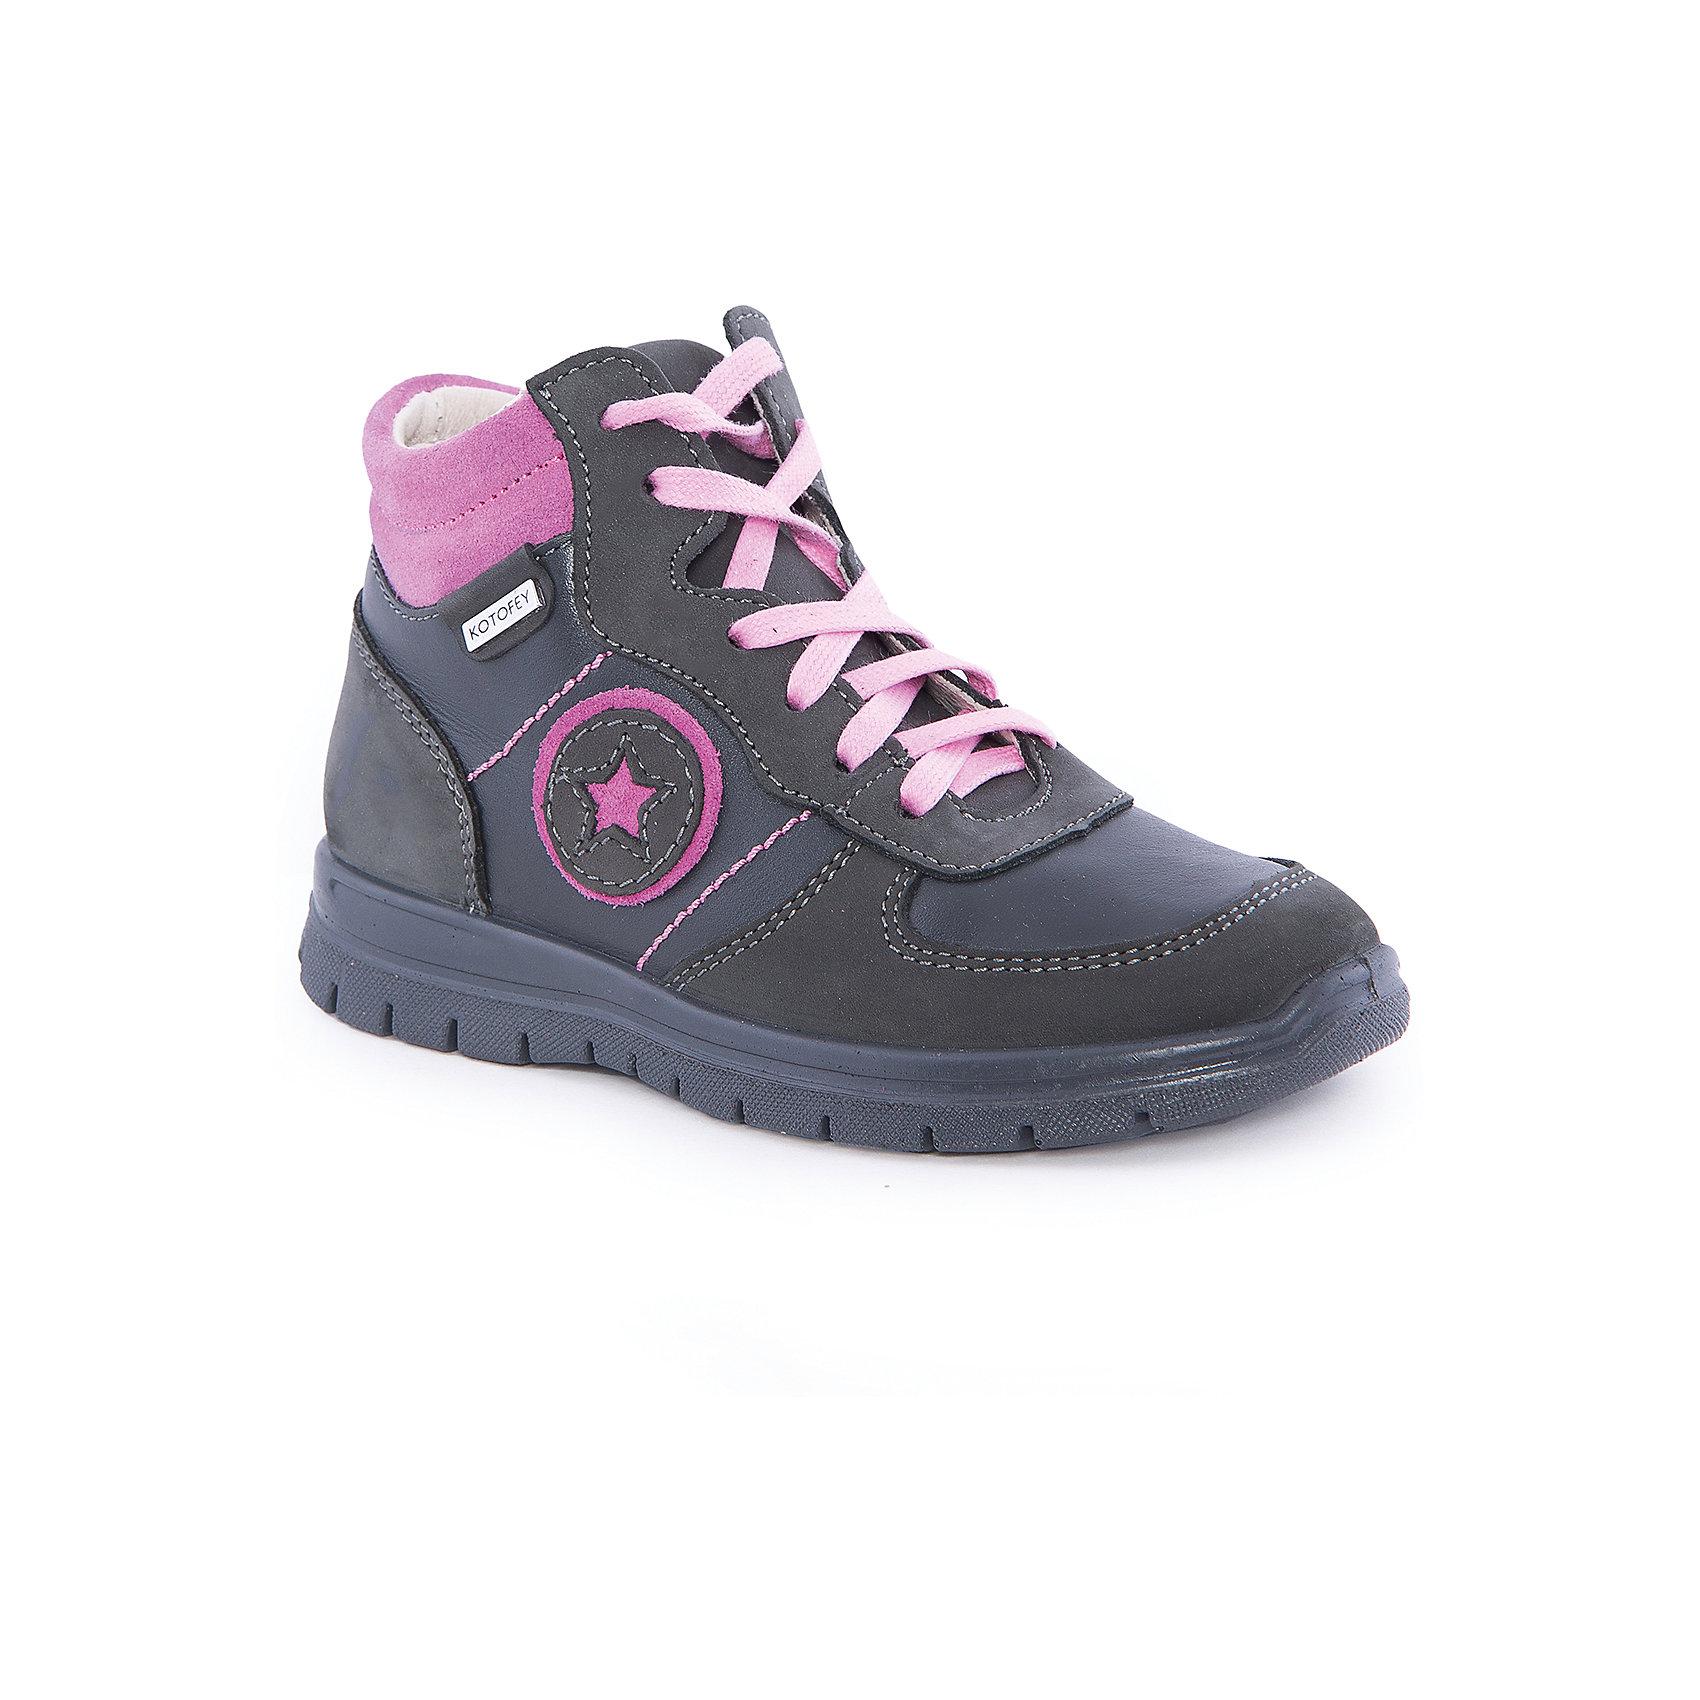 Ботинки для девочки КотофейБотинки для девочки от известного российского бренда Котофей <br><br>Стильные замшевые ботинки изготовлены из натуральной кожи, выполнены в универсальном сером цвете. <br>Верх сделан из материала, обеспечивающего ногам комфорт. Толстая рифленая подошва позволяет избегать скольжения практически на любой поверхности.<br><br>Особенности модели:<br><br>- цвет: серый;<br>- устойчивая подошва;<br>- декорированы розовыми элементами и аппликацией;<br>- застежка: шнуровка, молния;<br>- вид крепления обуви: литьевой;<br>- анатомическая стелька;<br>- качественные материалы;<br>- защита пальцев и пятки;<br>- модный дизайн.<br><br><br>Дополнительная информация:<br><br>Температурный режим: от 0° до +15°С.<br><br>Состав: <br><br>верх - натуральная кожа;<br>подкладка - кожа;<br>подошва - ПУ.<br><br>Ботинки для девочки Котофей можно купить в нашем магазине.<br><br>Ширина мм: 262<br>Глубина мм: 176<br>Высота мм: 97<br>Вес г: 427<br>Цвет: серый<br>Возраст от месяцев: 84<br>Возраст до месяцев: 96<br>Пол: Женский<br>Возраст: Детский<br>Размер: 31,32,35,34,33<br>SKU: 4565728